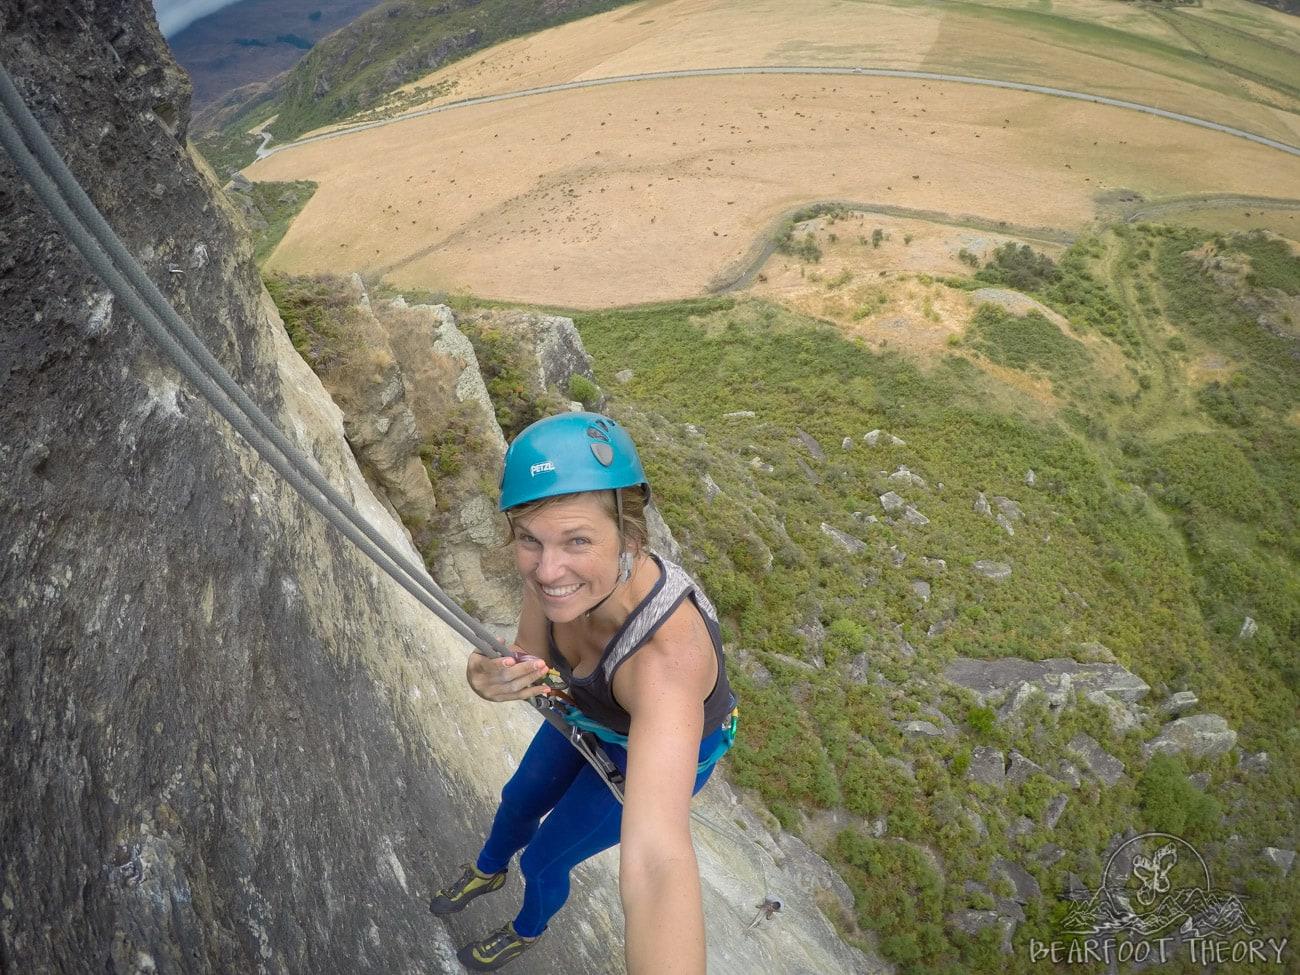 Climbing at Hospital Flats near Wanaka, New Zealand